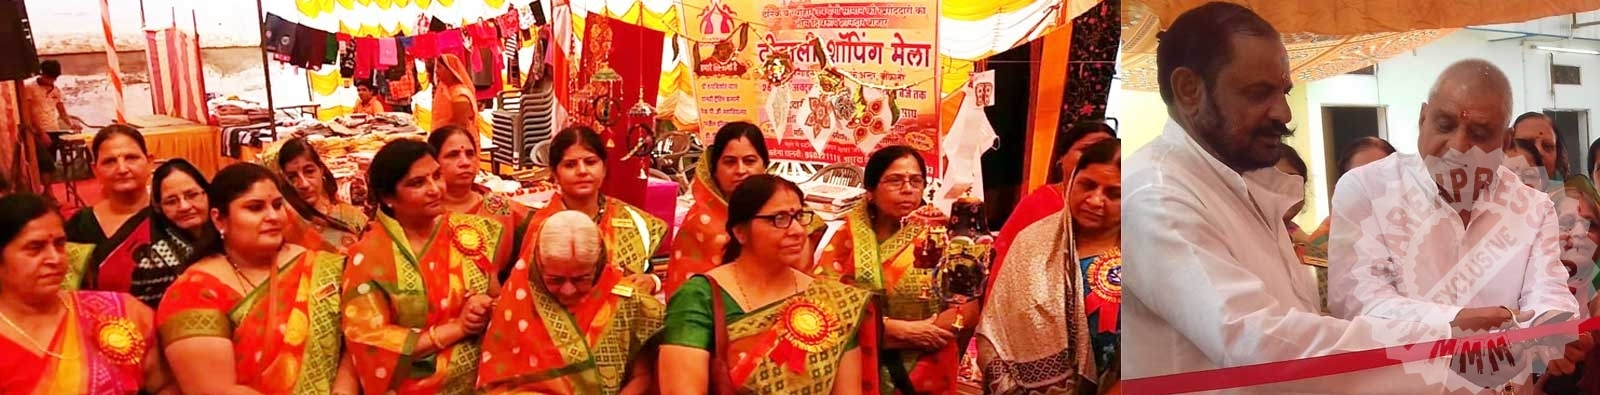 महिला  सशक्तिकरण के लिये व्यापार मेला  बेहतरीन कदमः रामकिशन आचार्य